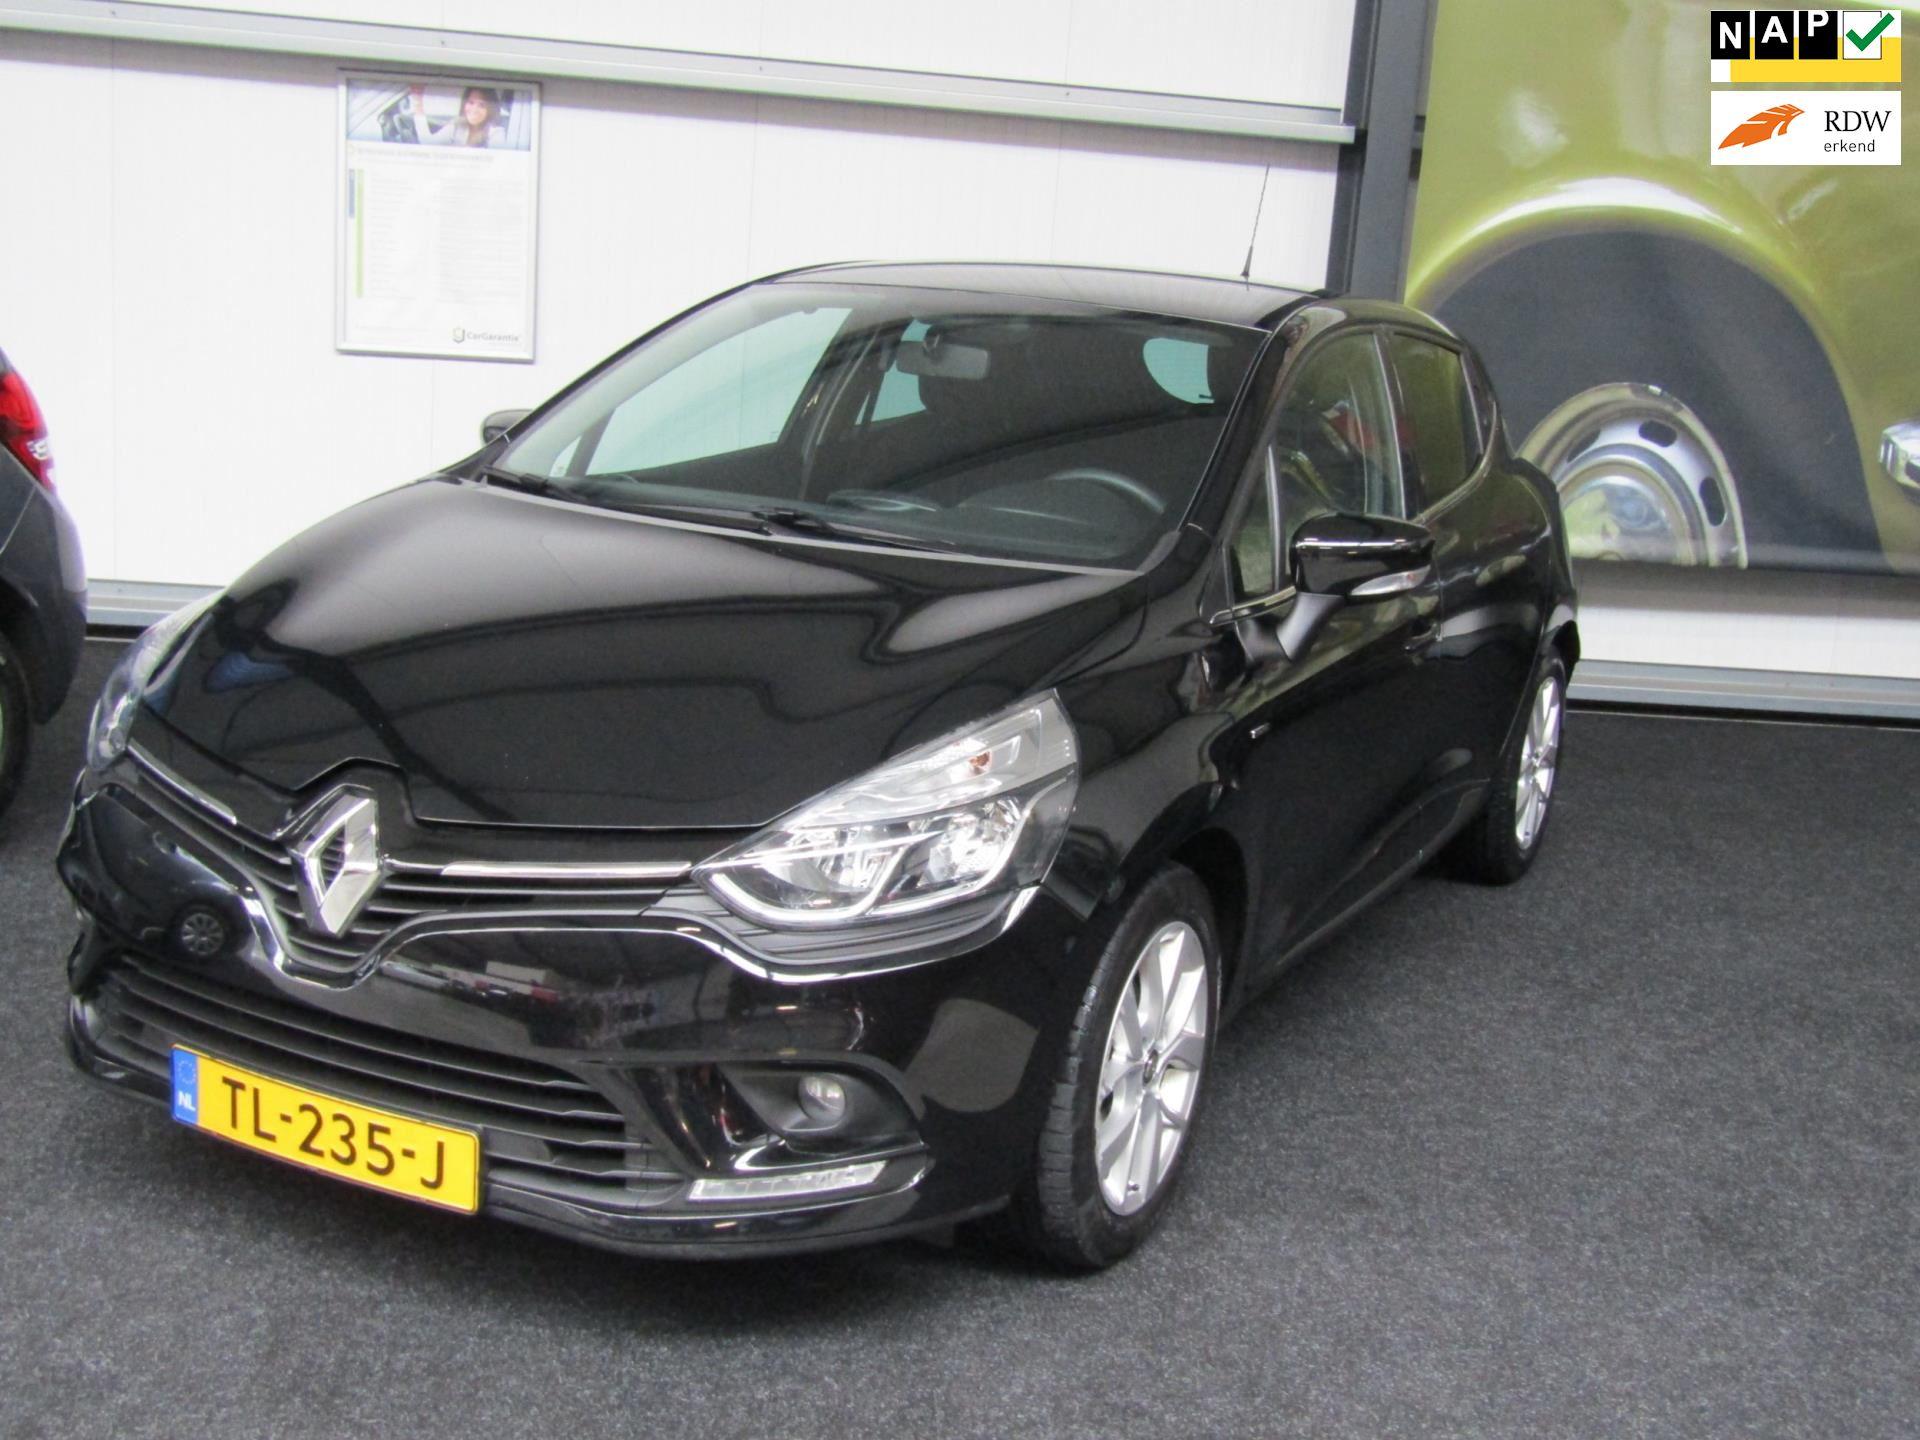 Renault Clio occasion - Autobedrijf Het Hof